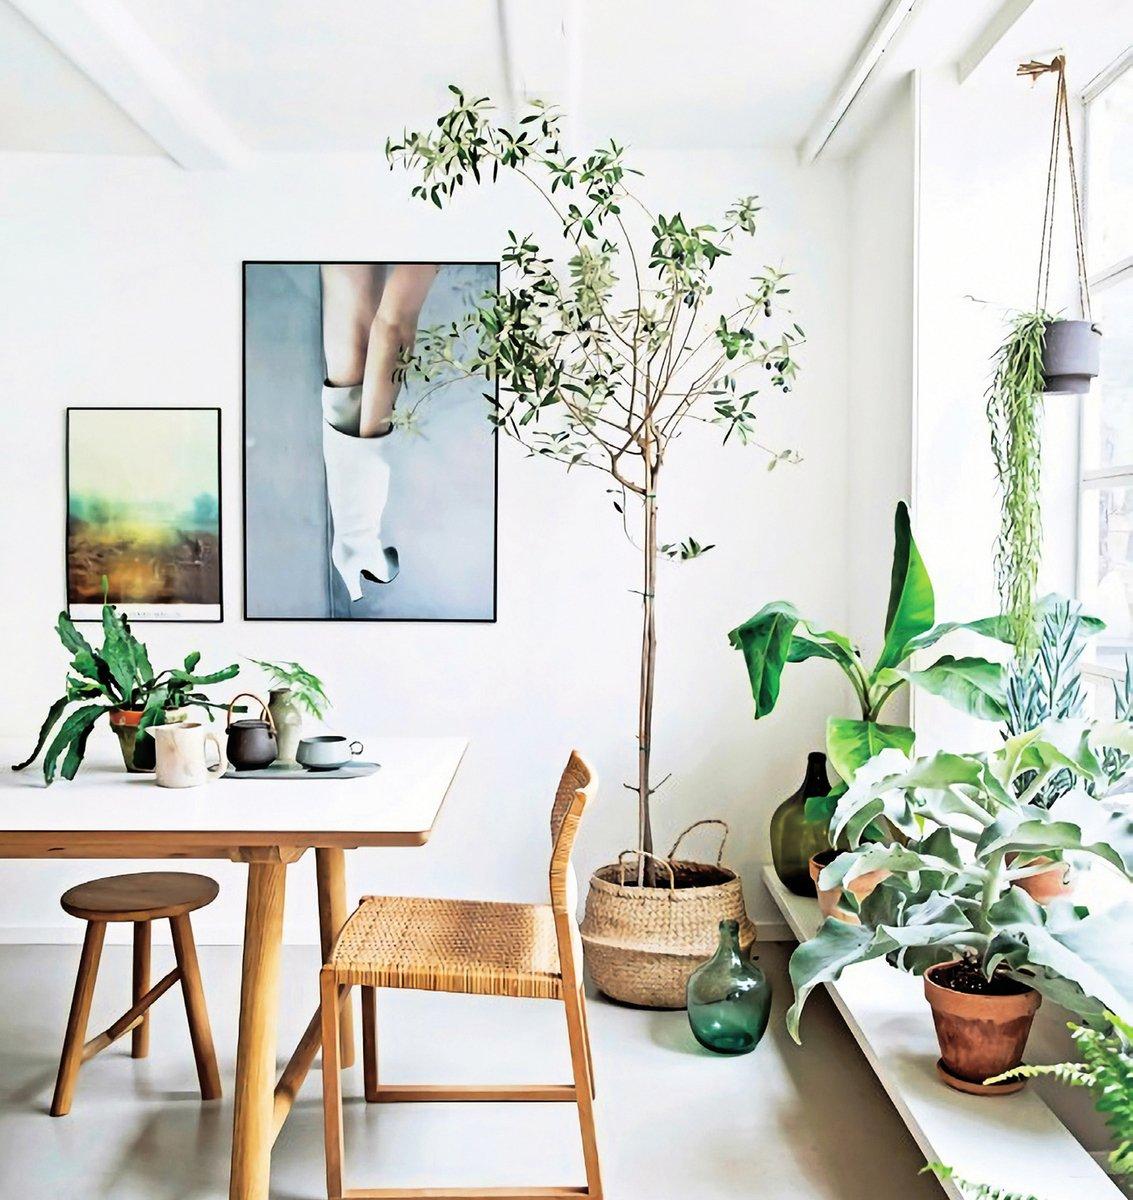 直線條的家具帶來嚴謹的氣氛,而直立型的植物也給人相同的感受。